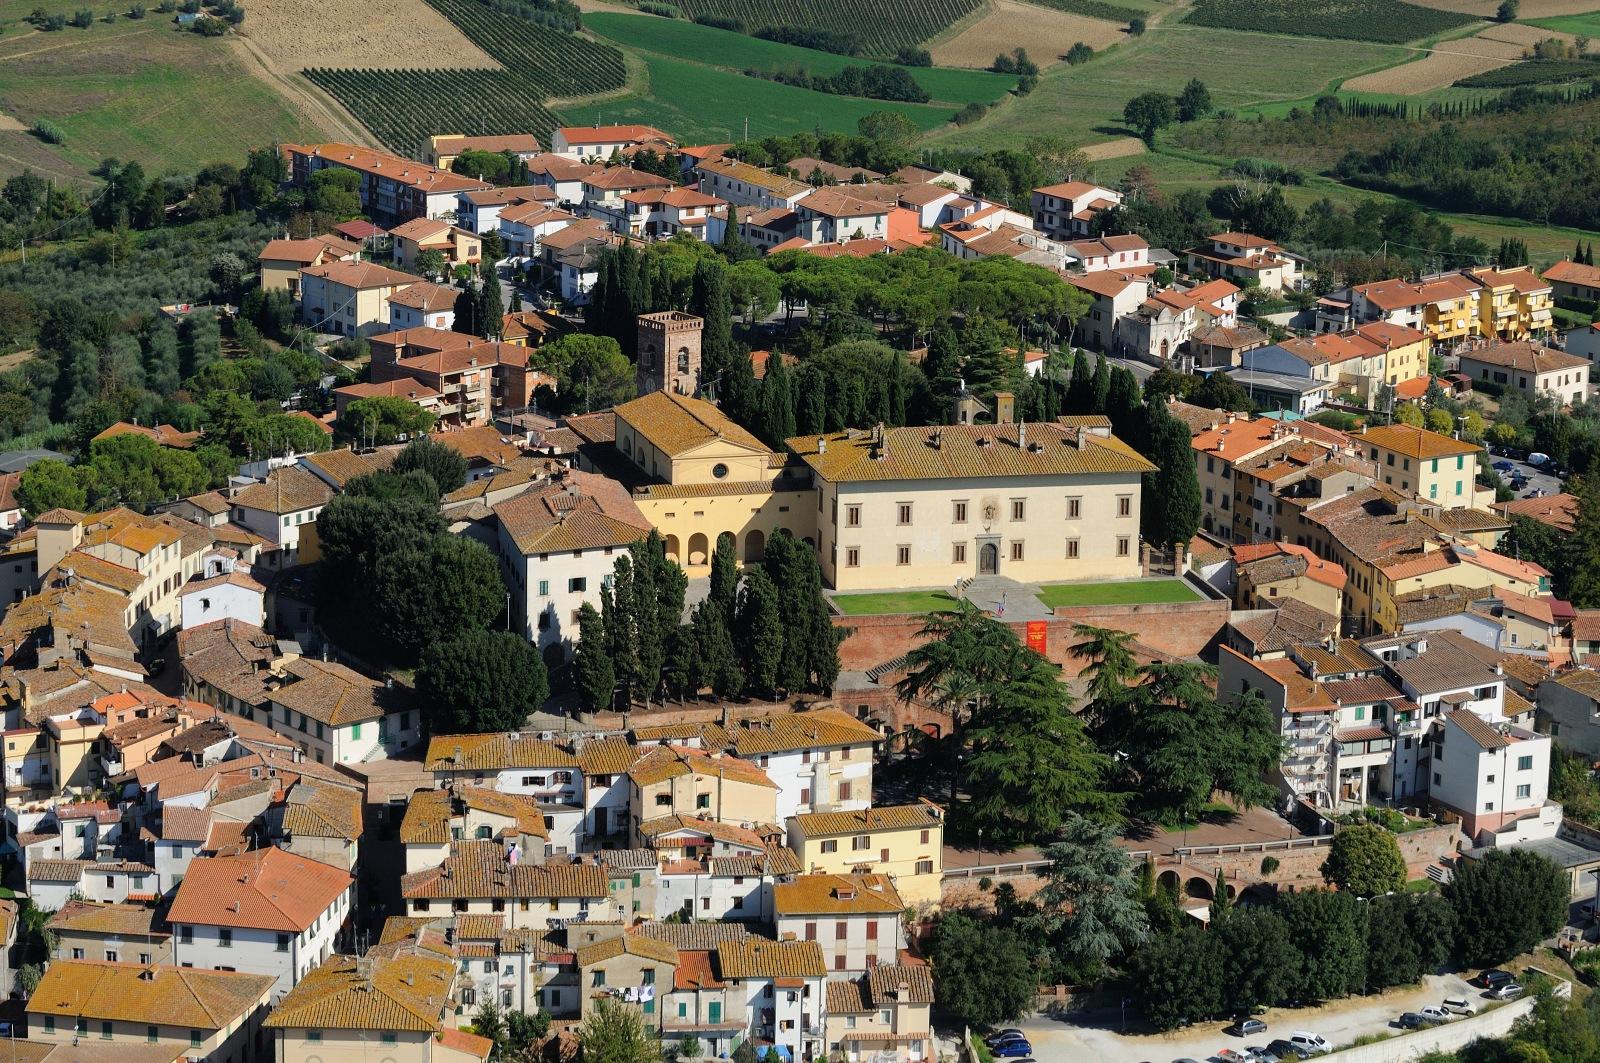 Cerreto Guidi - Cerreto Guidi, Terra Medicea - Toscana Ovunque Bella